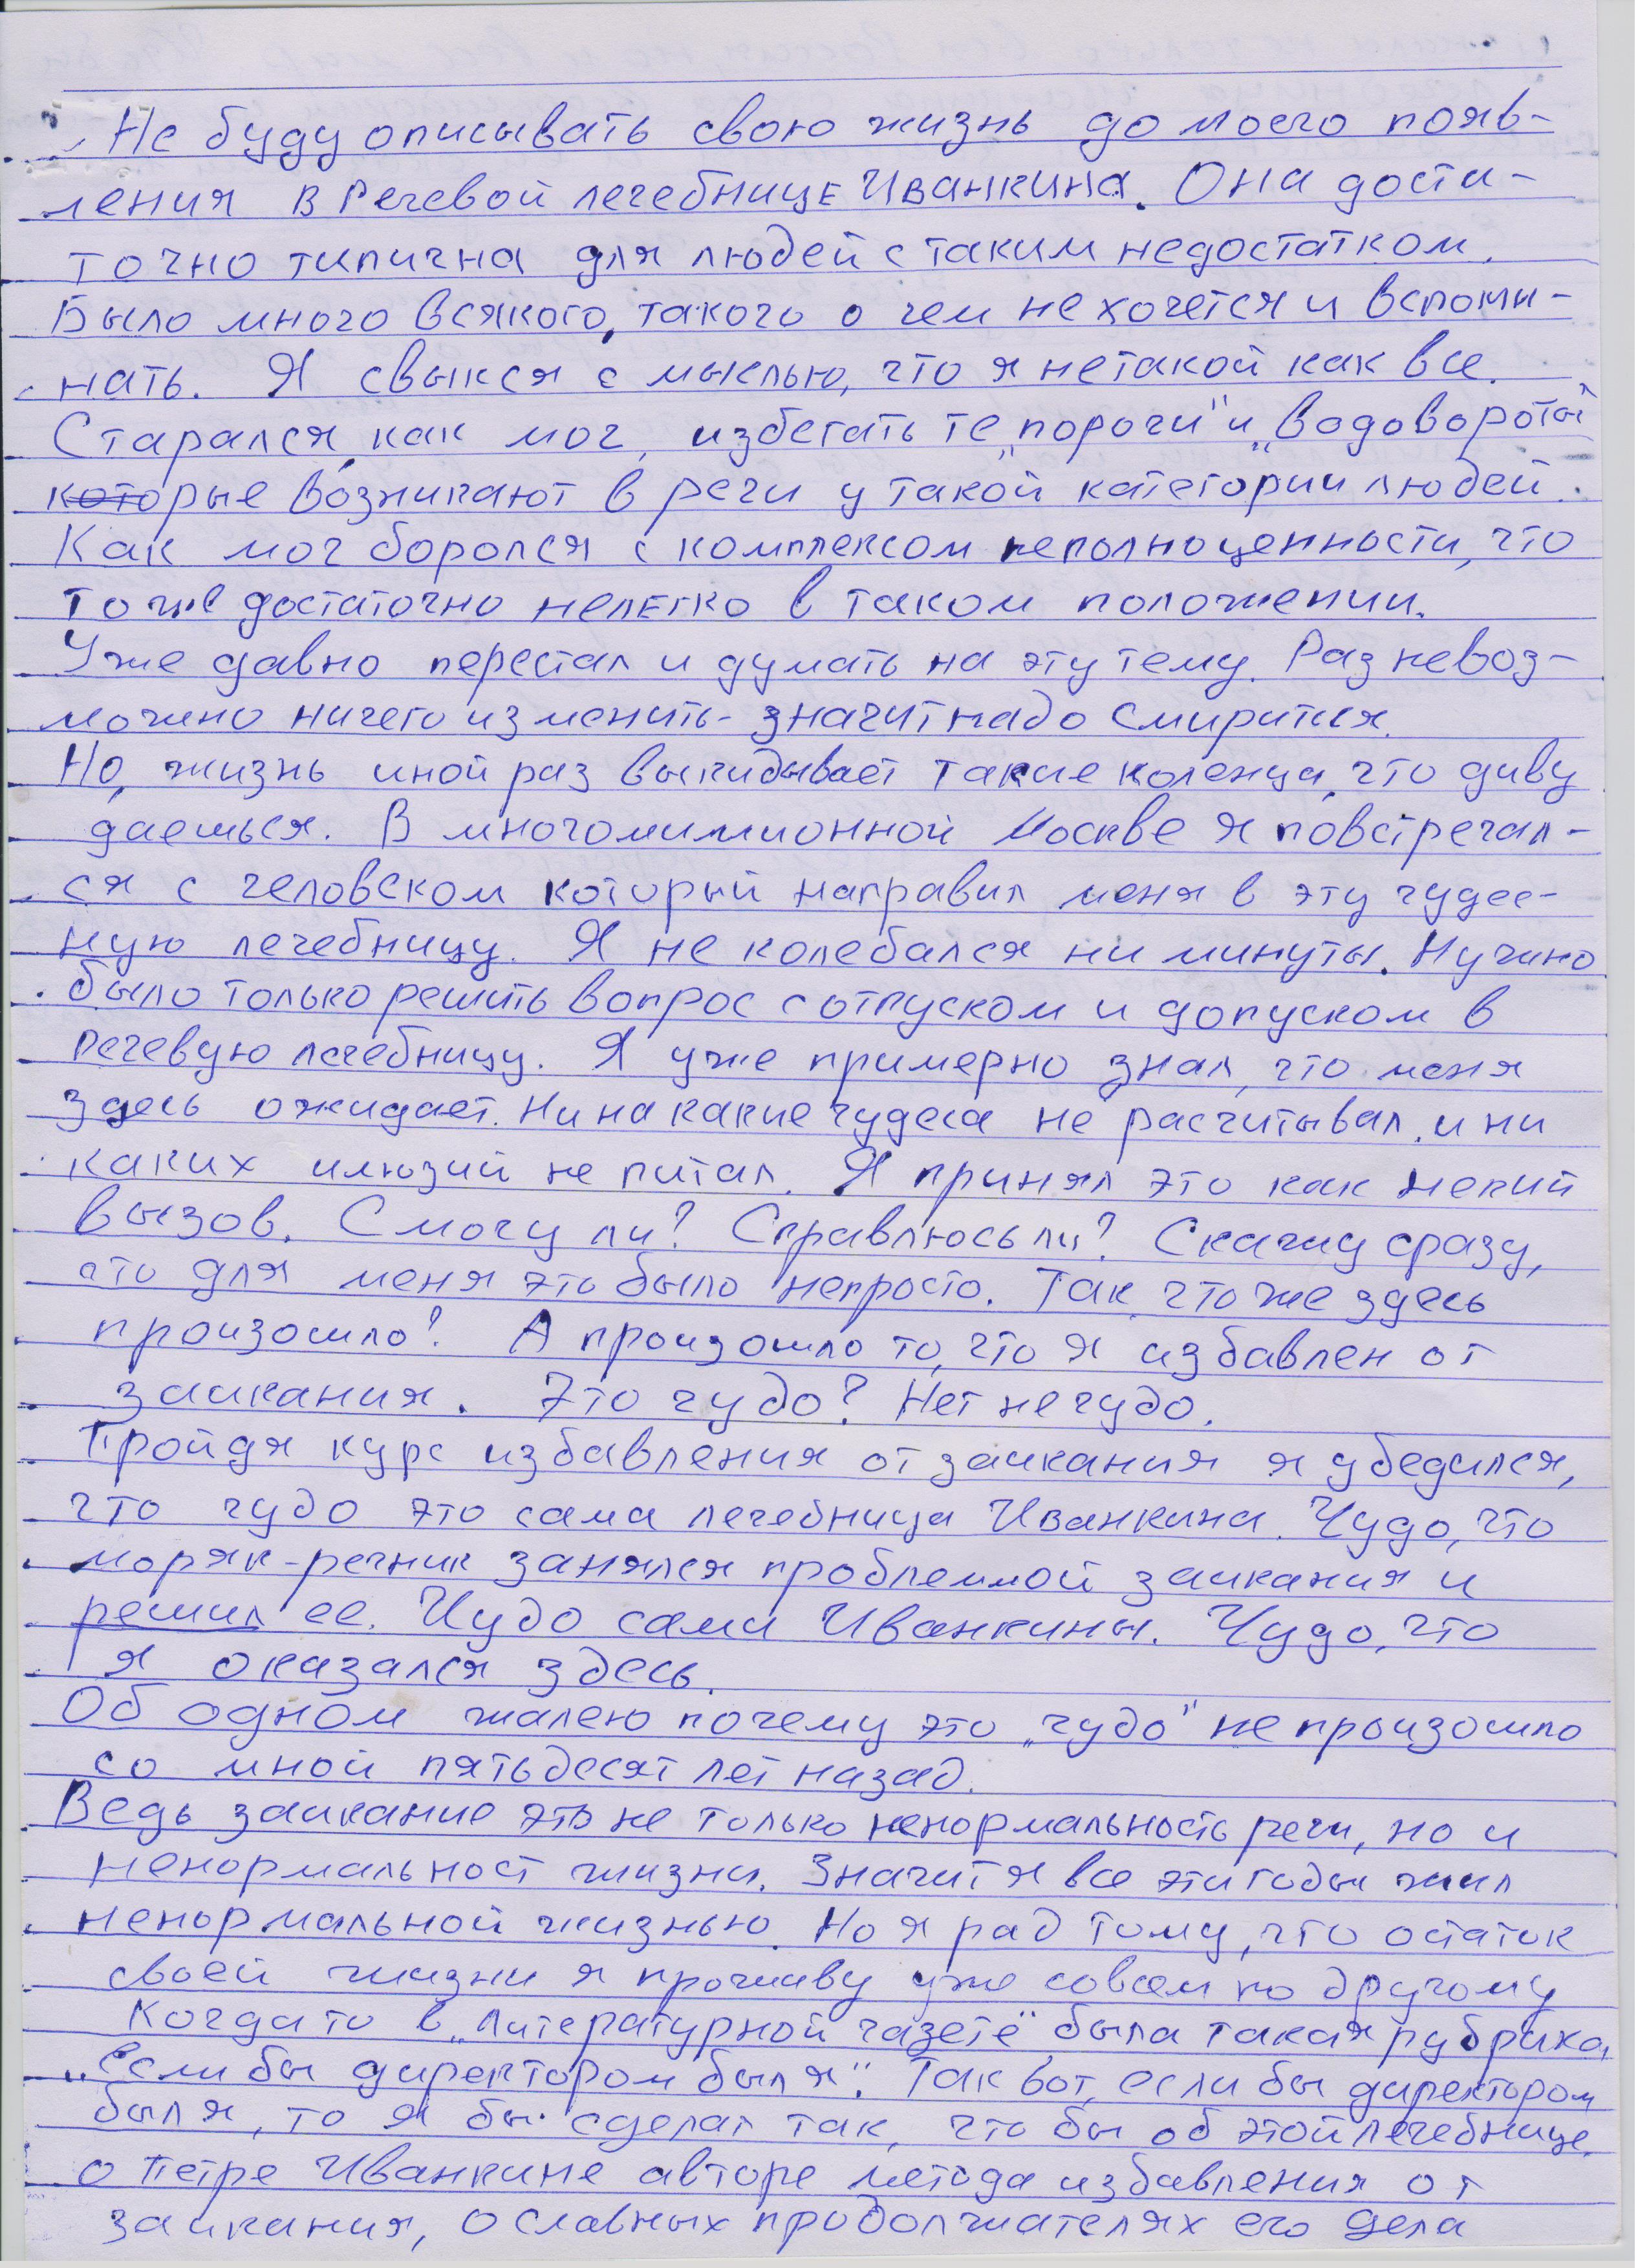 Говорит жизненный опыт - отзыв 63-летнего пациента о освобождении от заикания по методу Иванкина П. А.